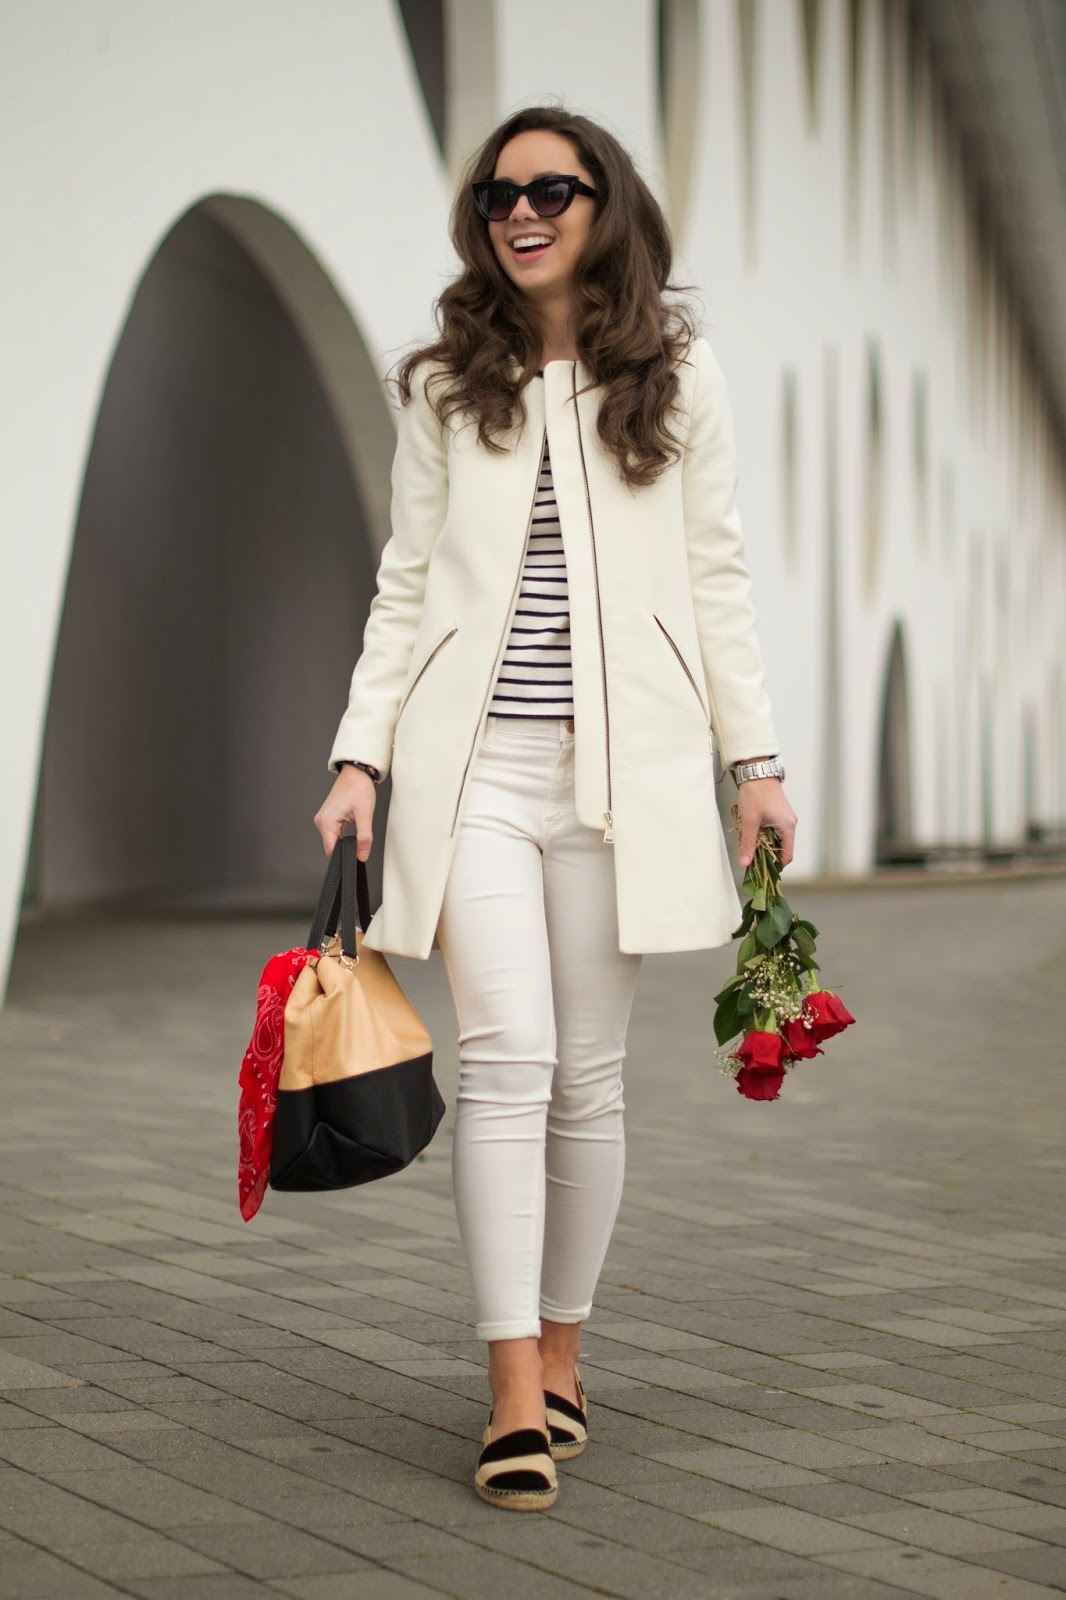 Cómo combinar un abrigo blanco en primavera